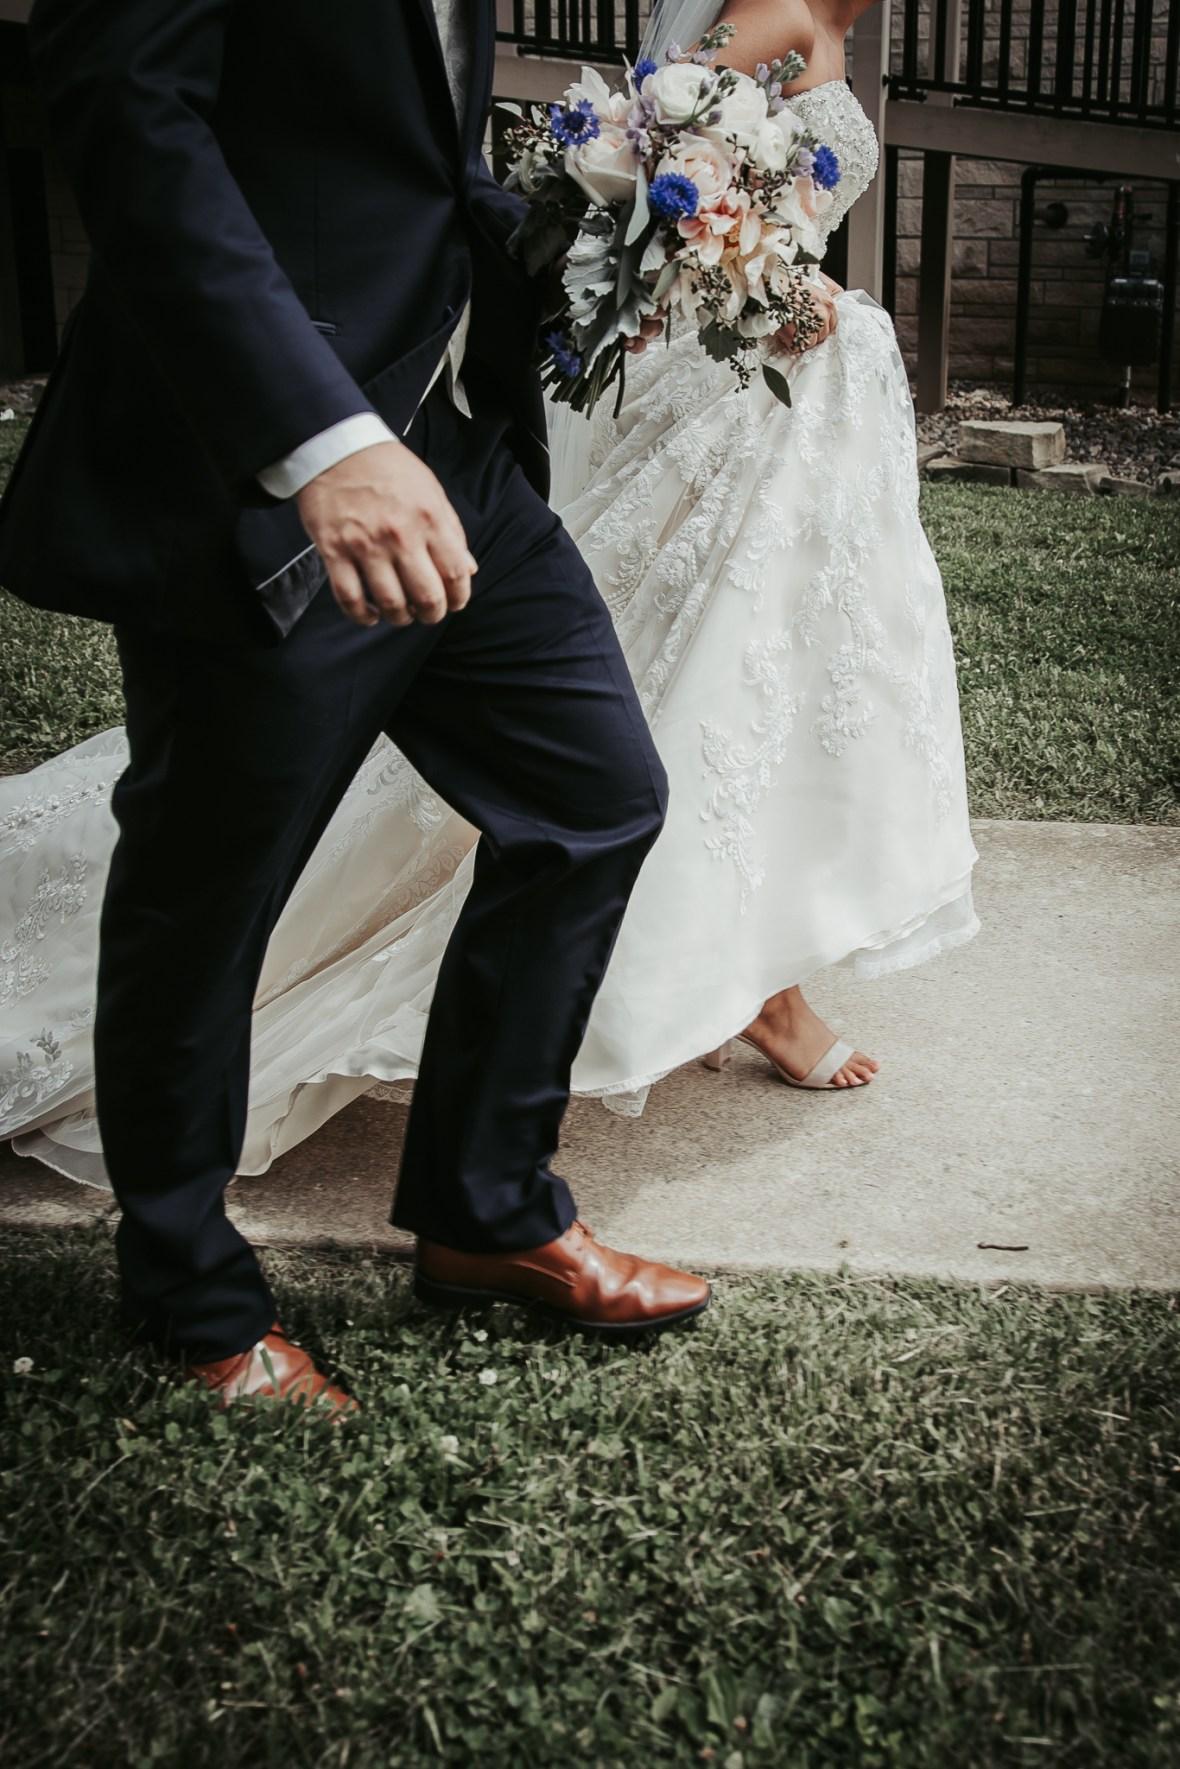 La Grange Kentucky Wedding Photography